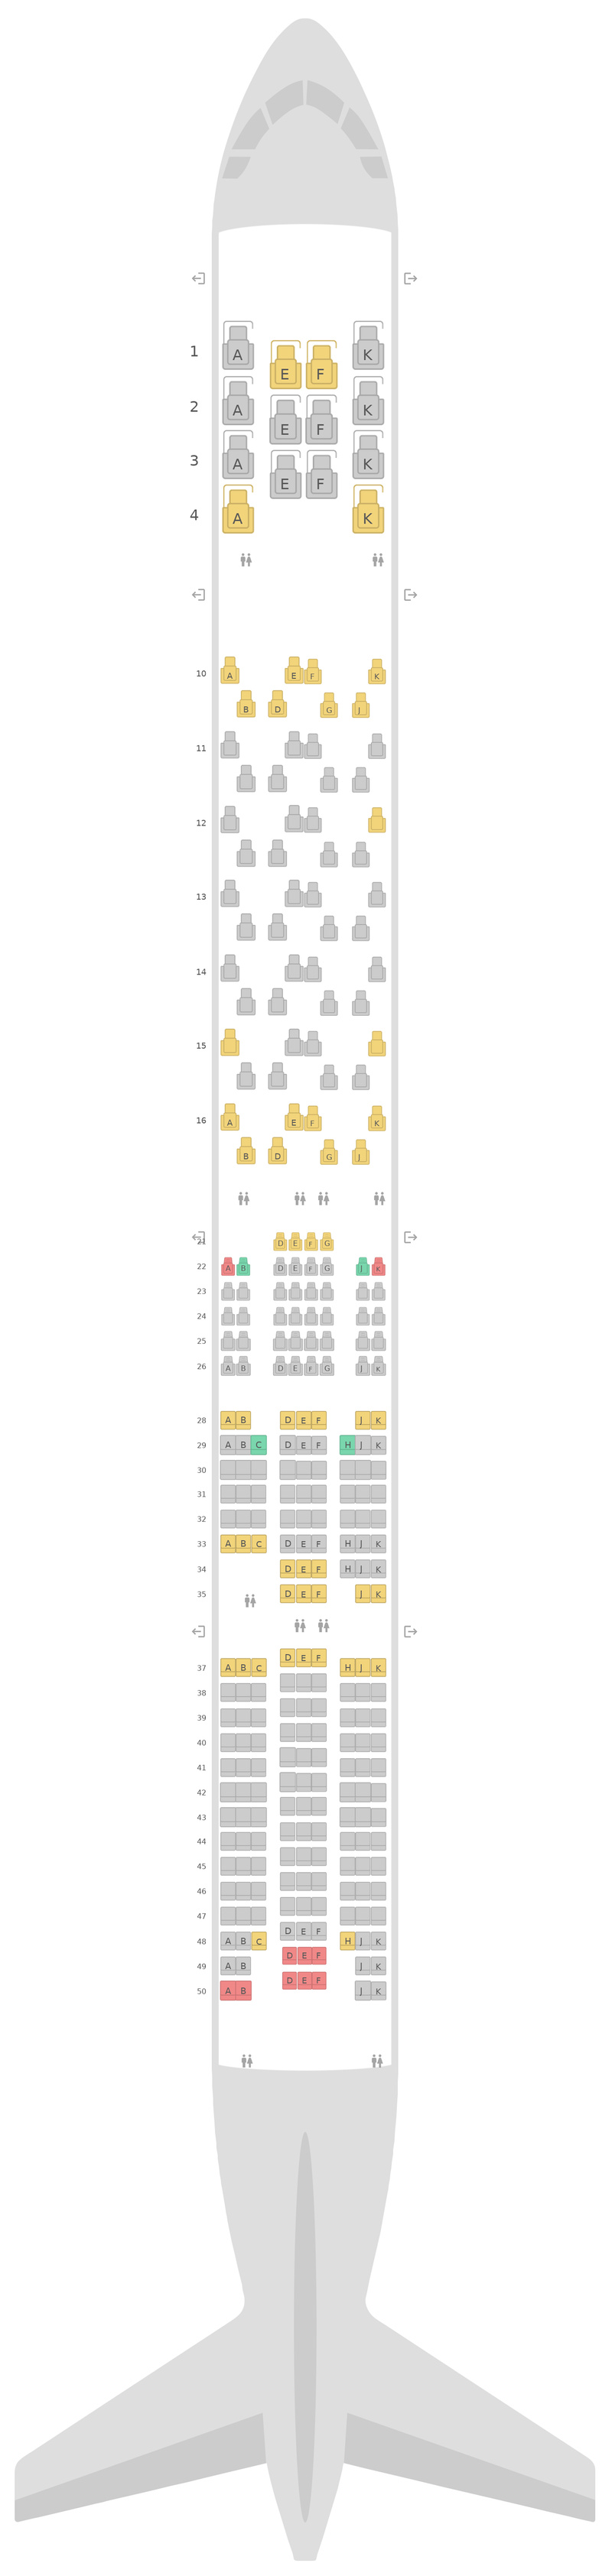 Схема салона Боинг 777-300 (773) Бритиш Эйрвейз